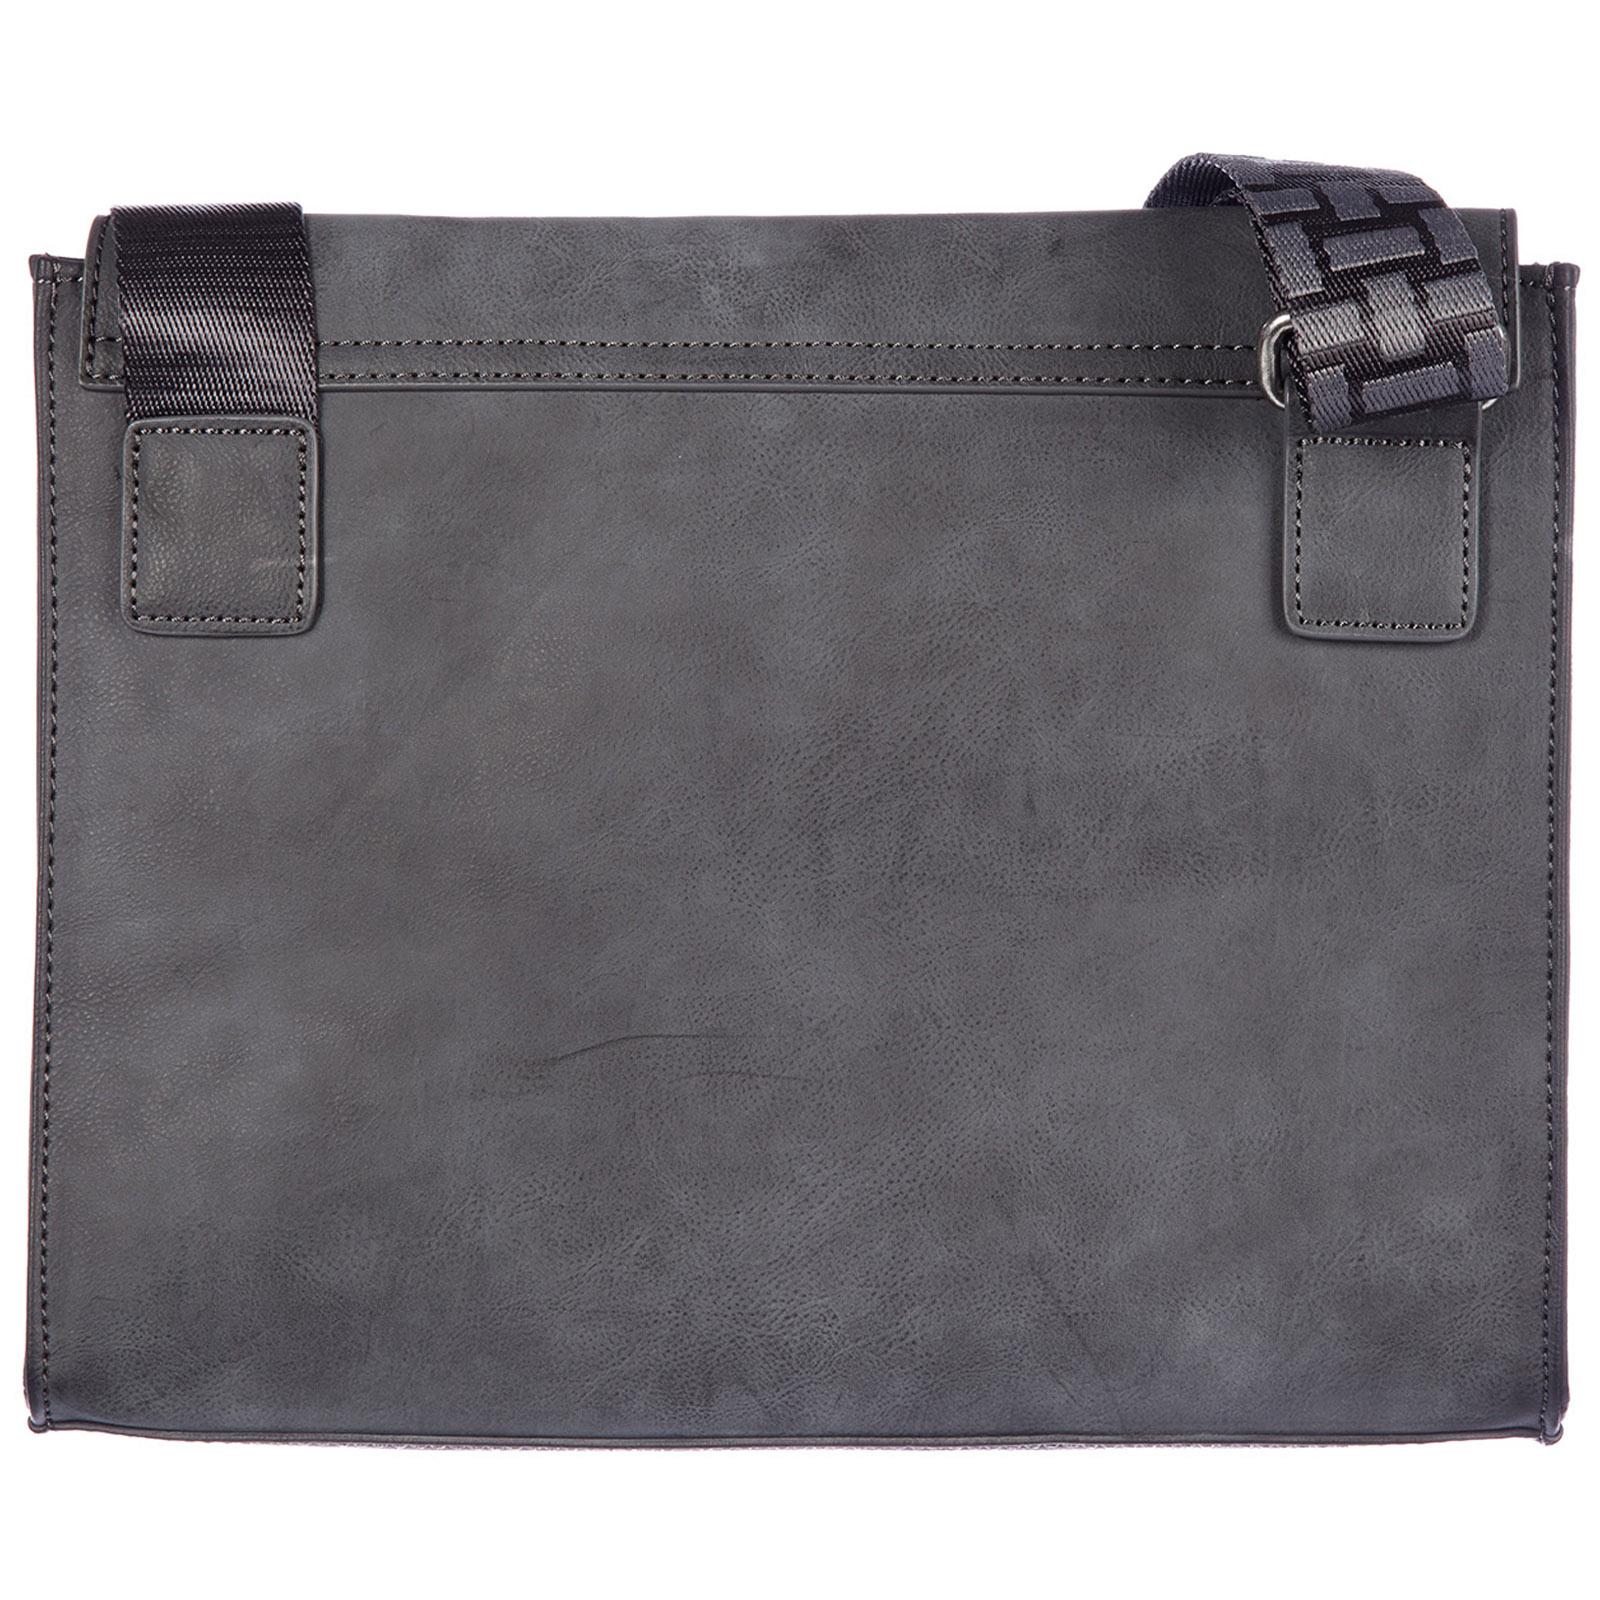 528a531a333 Crossbody bag Armani Jeans B6286 U2 S2 grigio   FRMODA.com